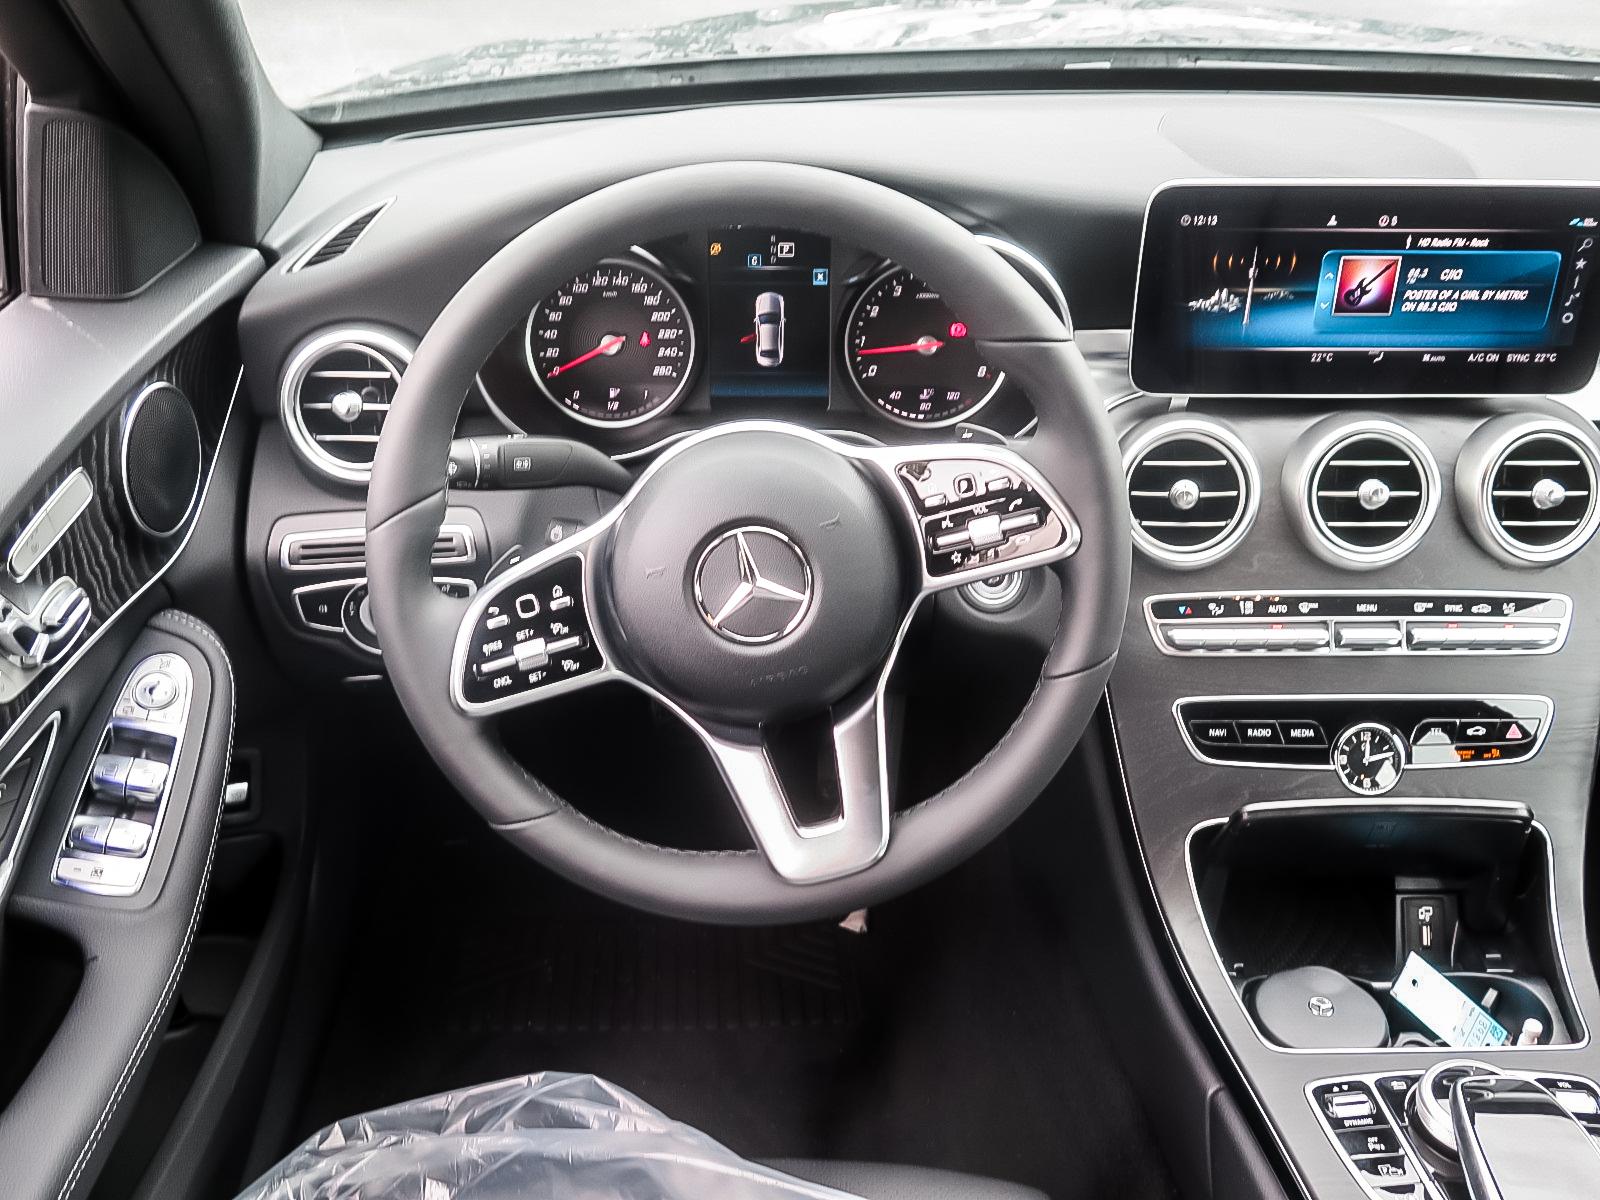 New 2020 Mercedes-Benz C300 4MATIC Sedan